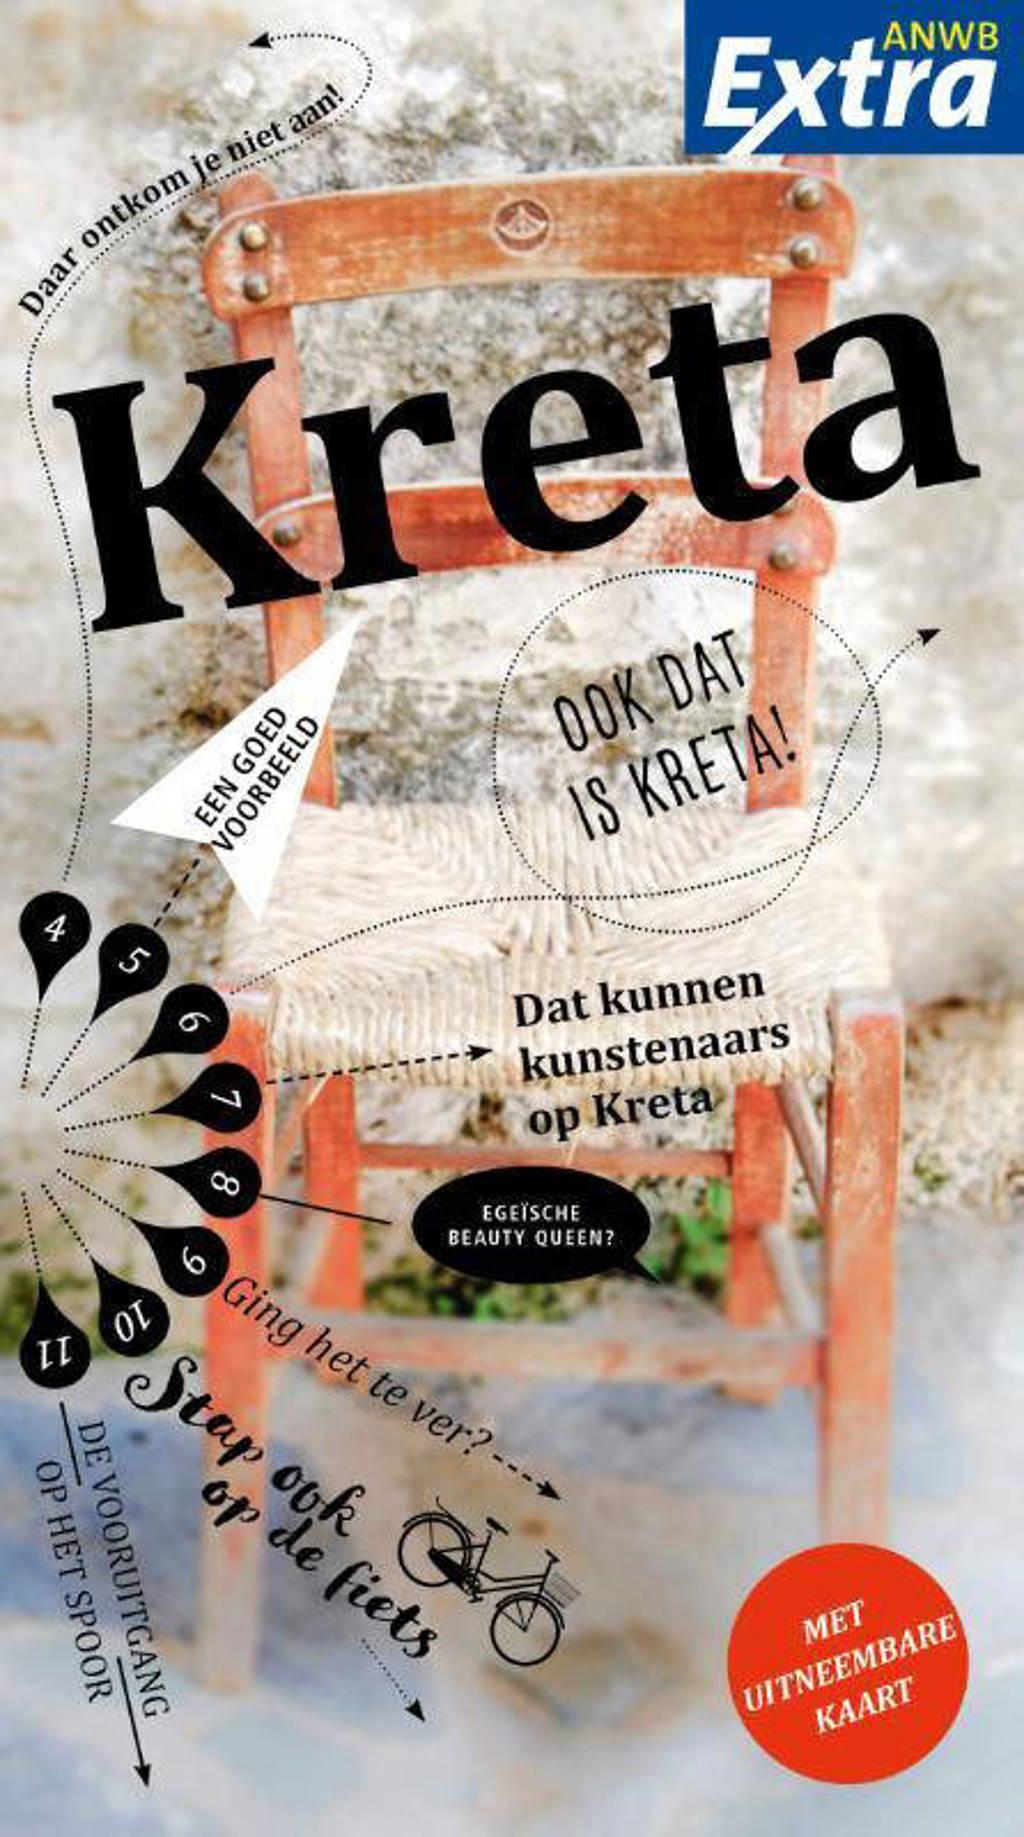 ANWB Extra: Kreta - Klaus Bötig